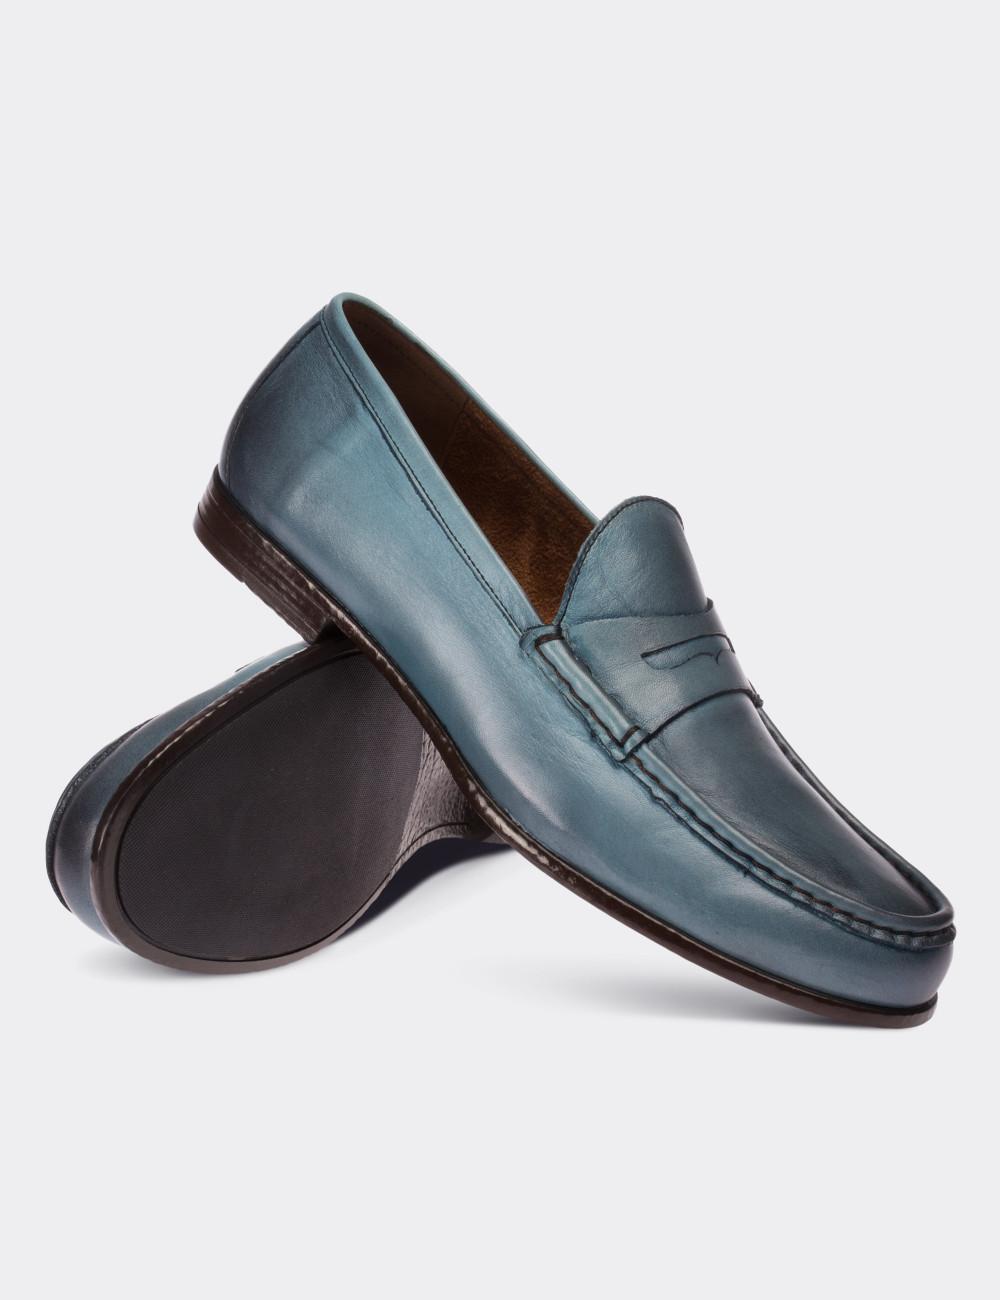 Hakiki Deri Turkuaz Rengi Loafer Erkek Ayakkabı - 01648MTRKC01